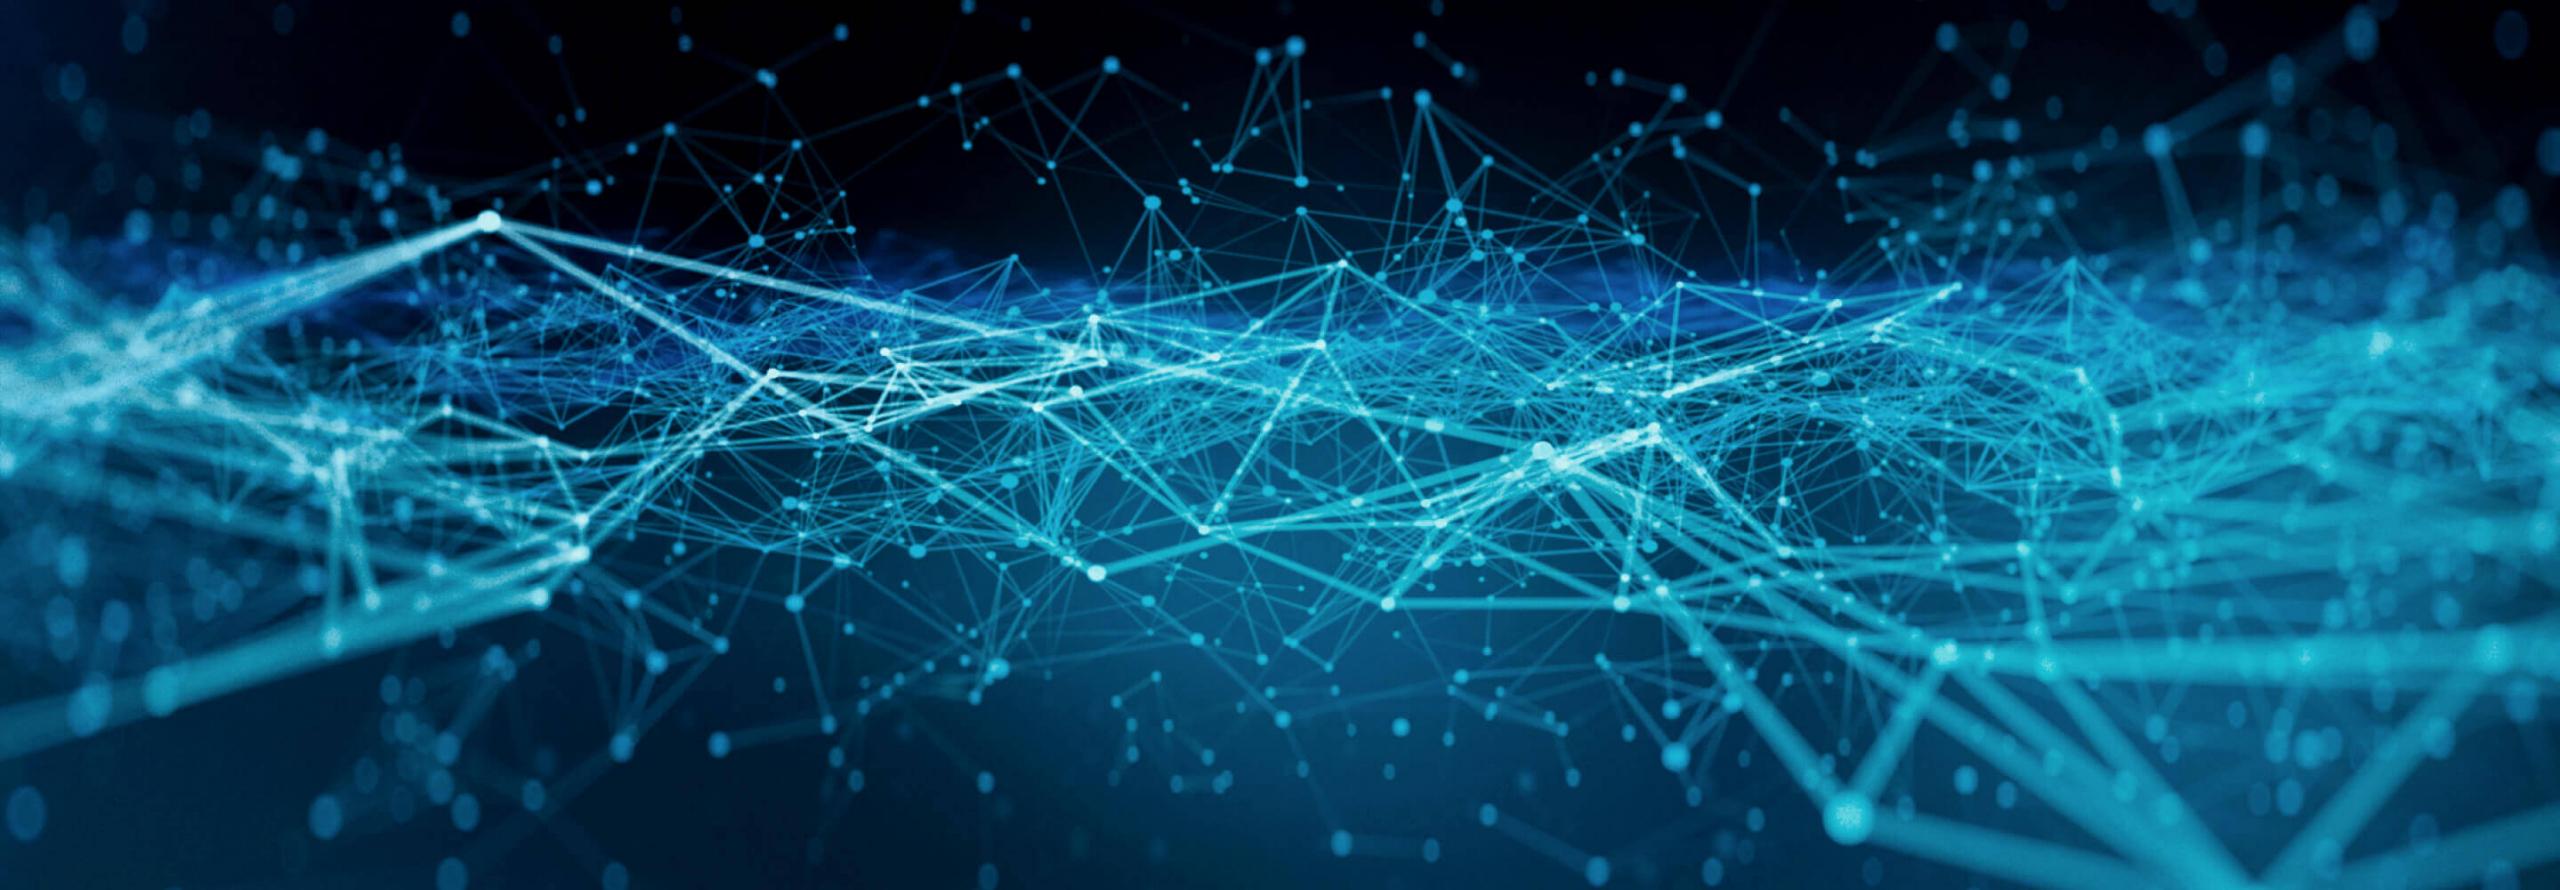 data architecture service provider